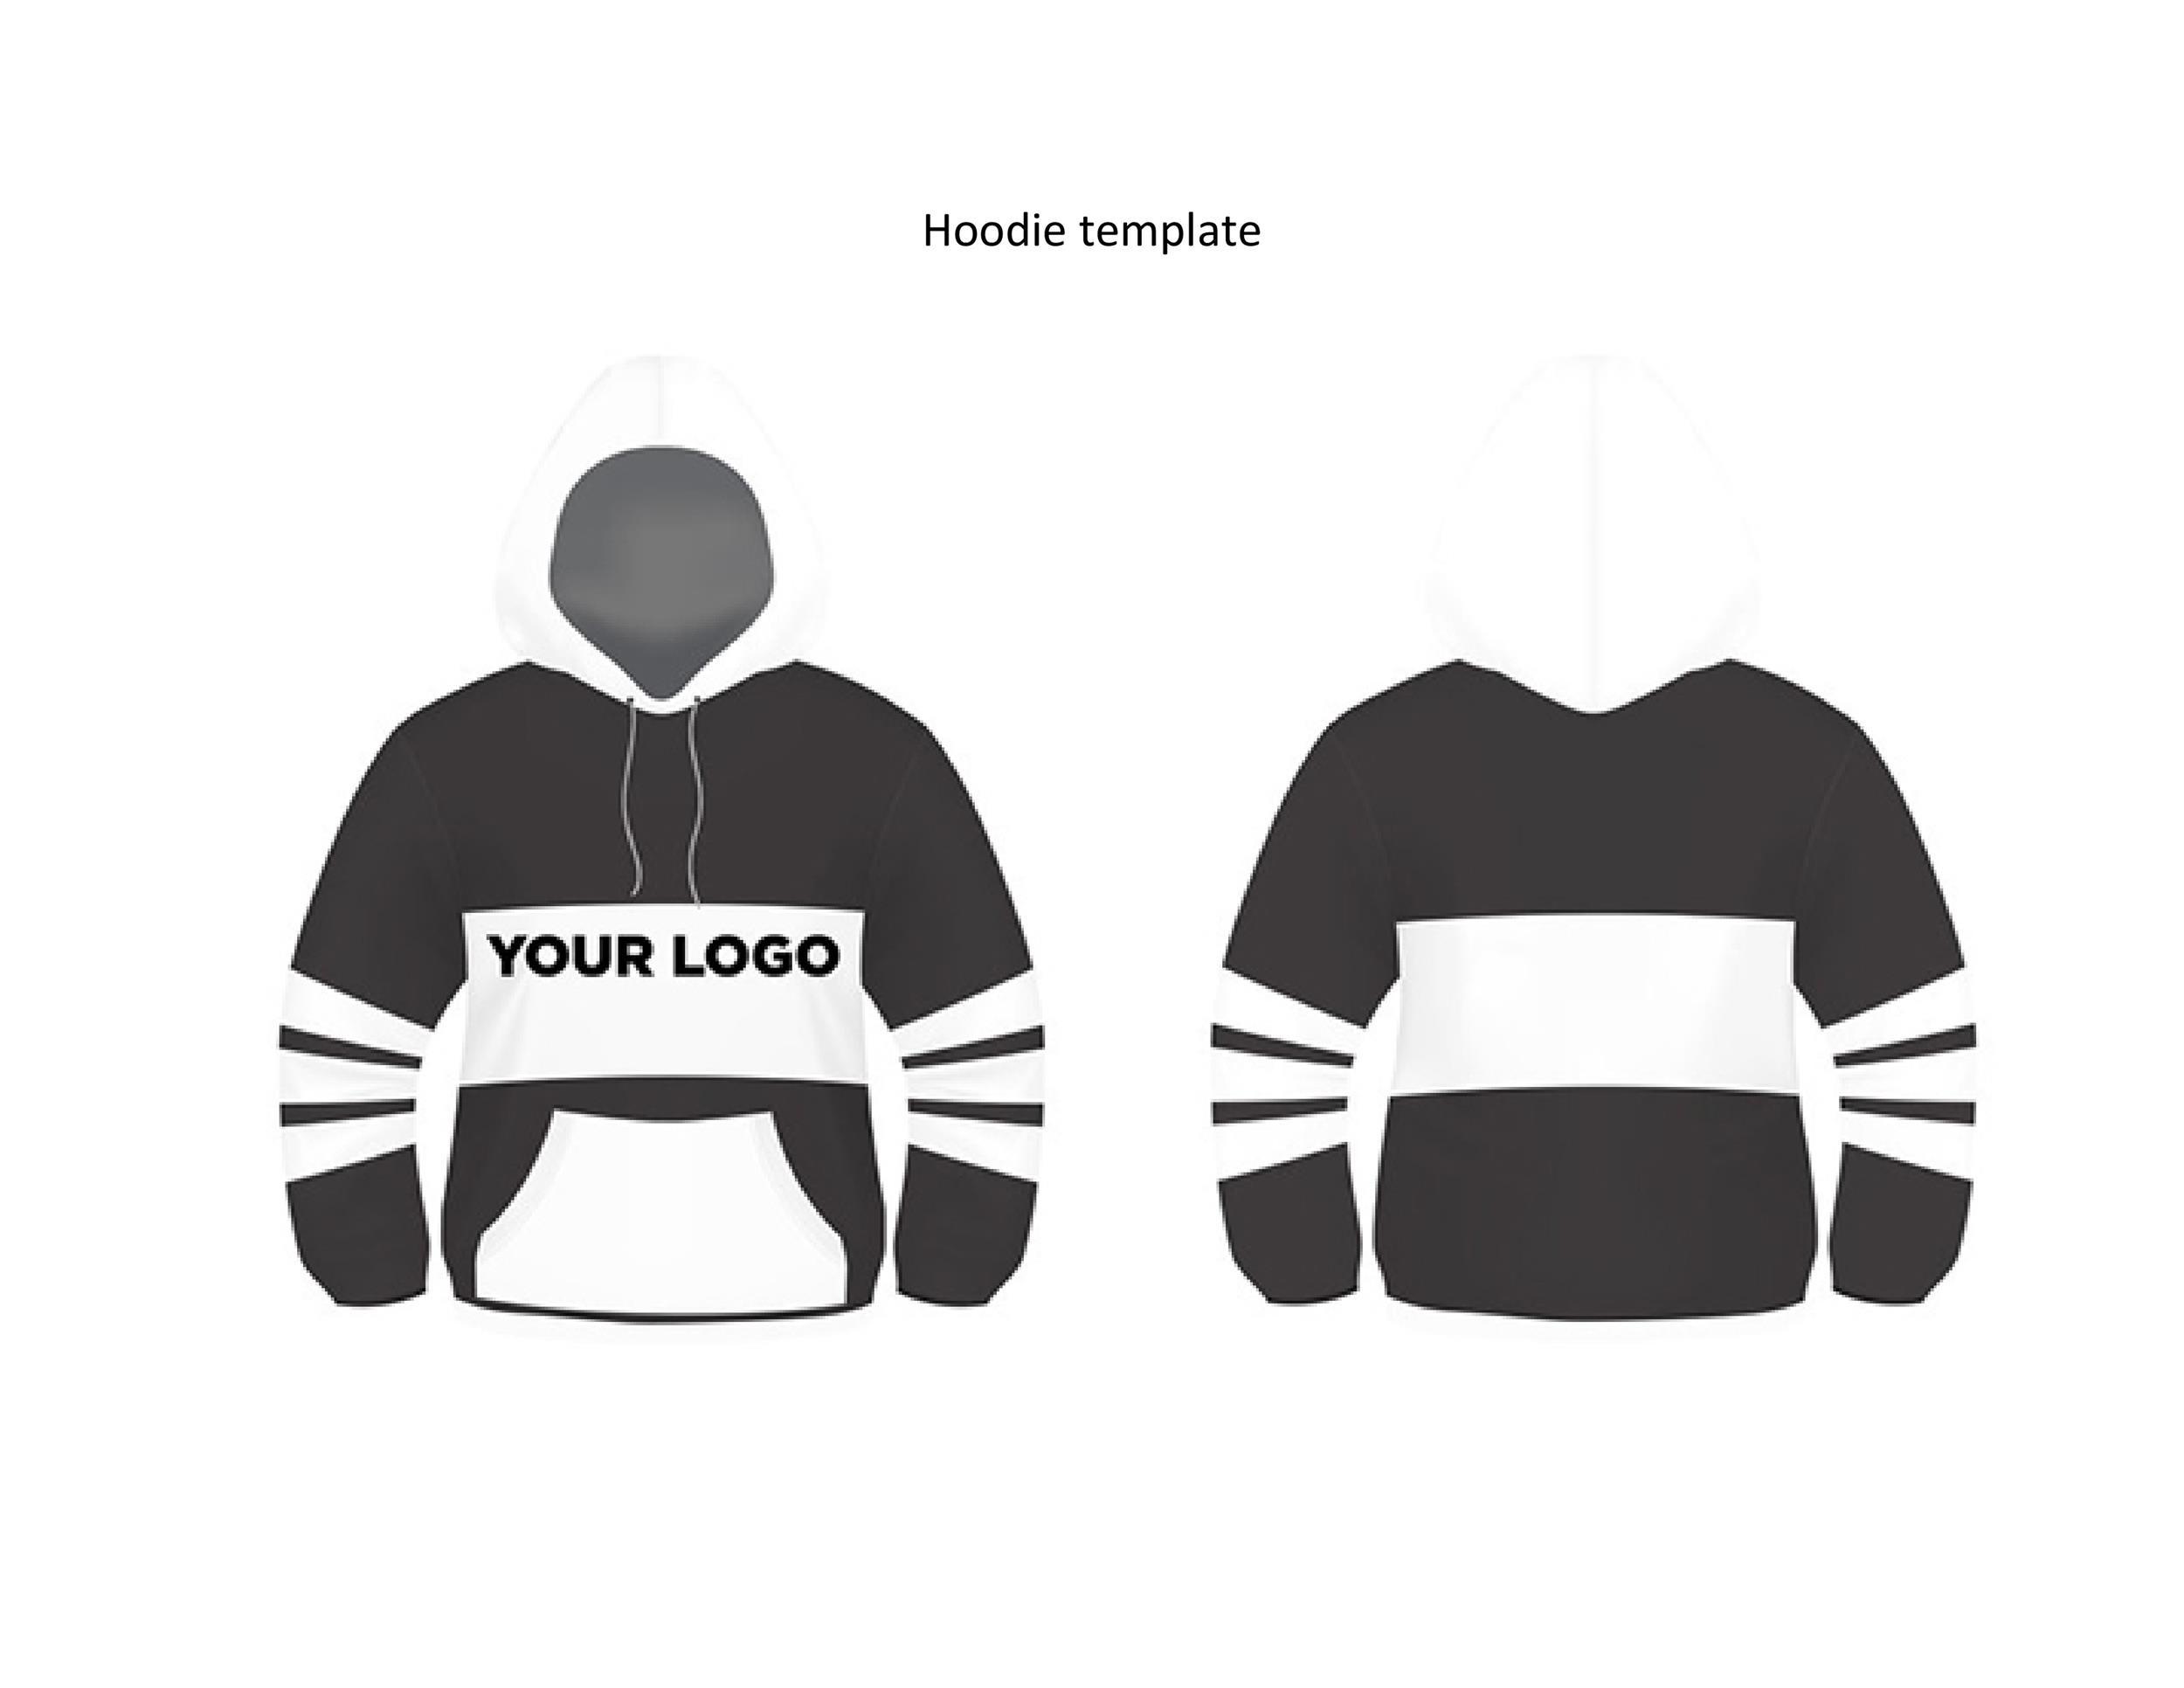 Free hoodie template 22